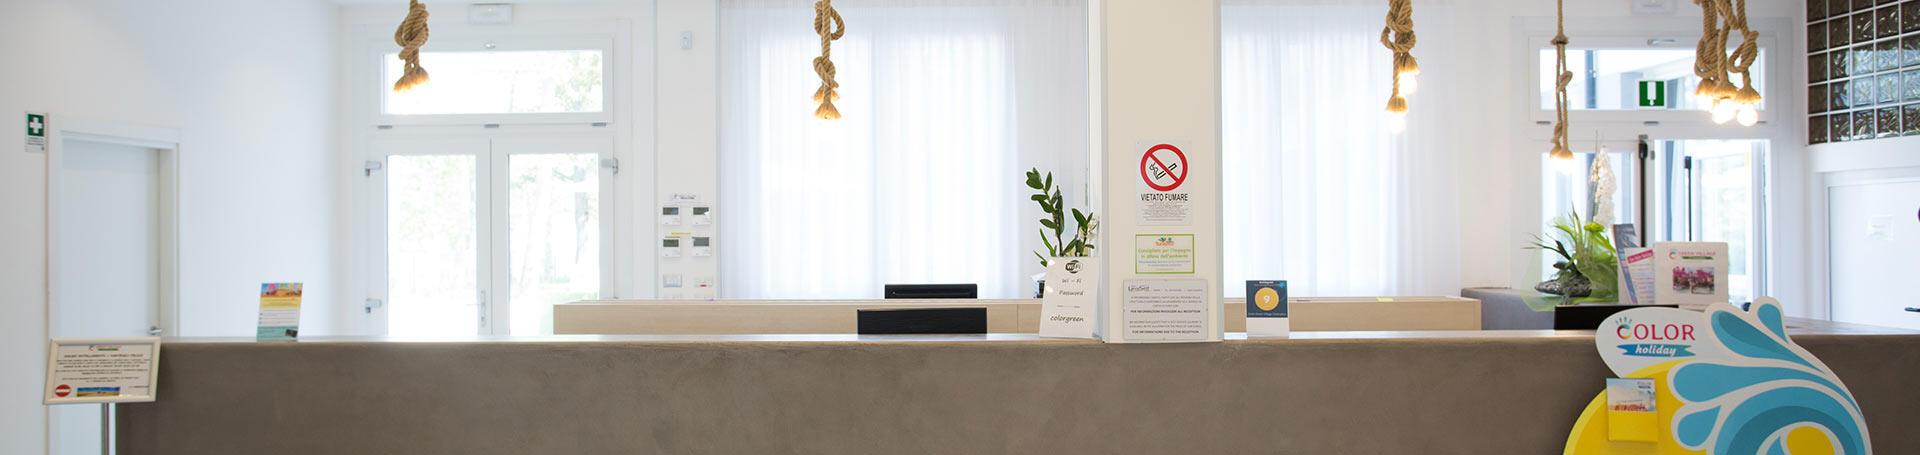 greenvillagecesenatico de bewertungen-und-kommentare 009